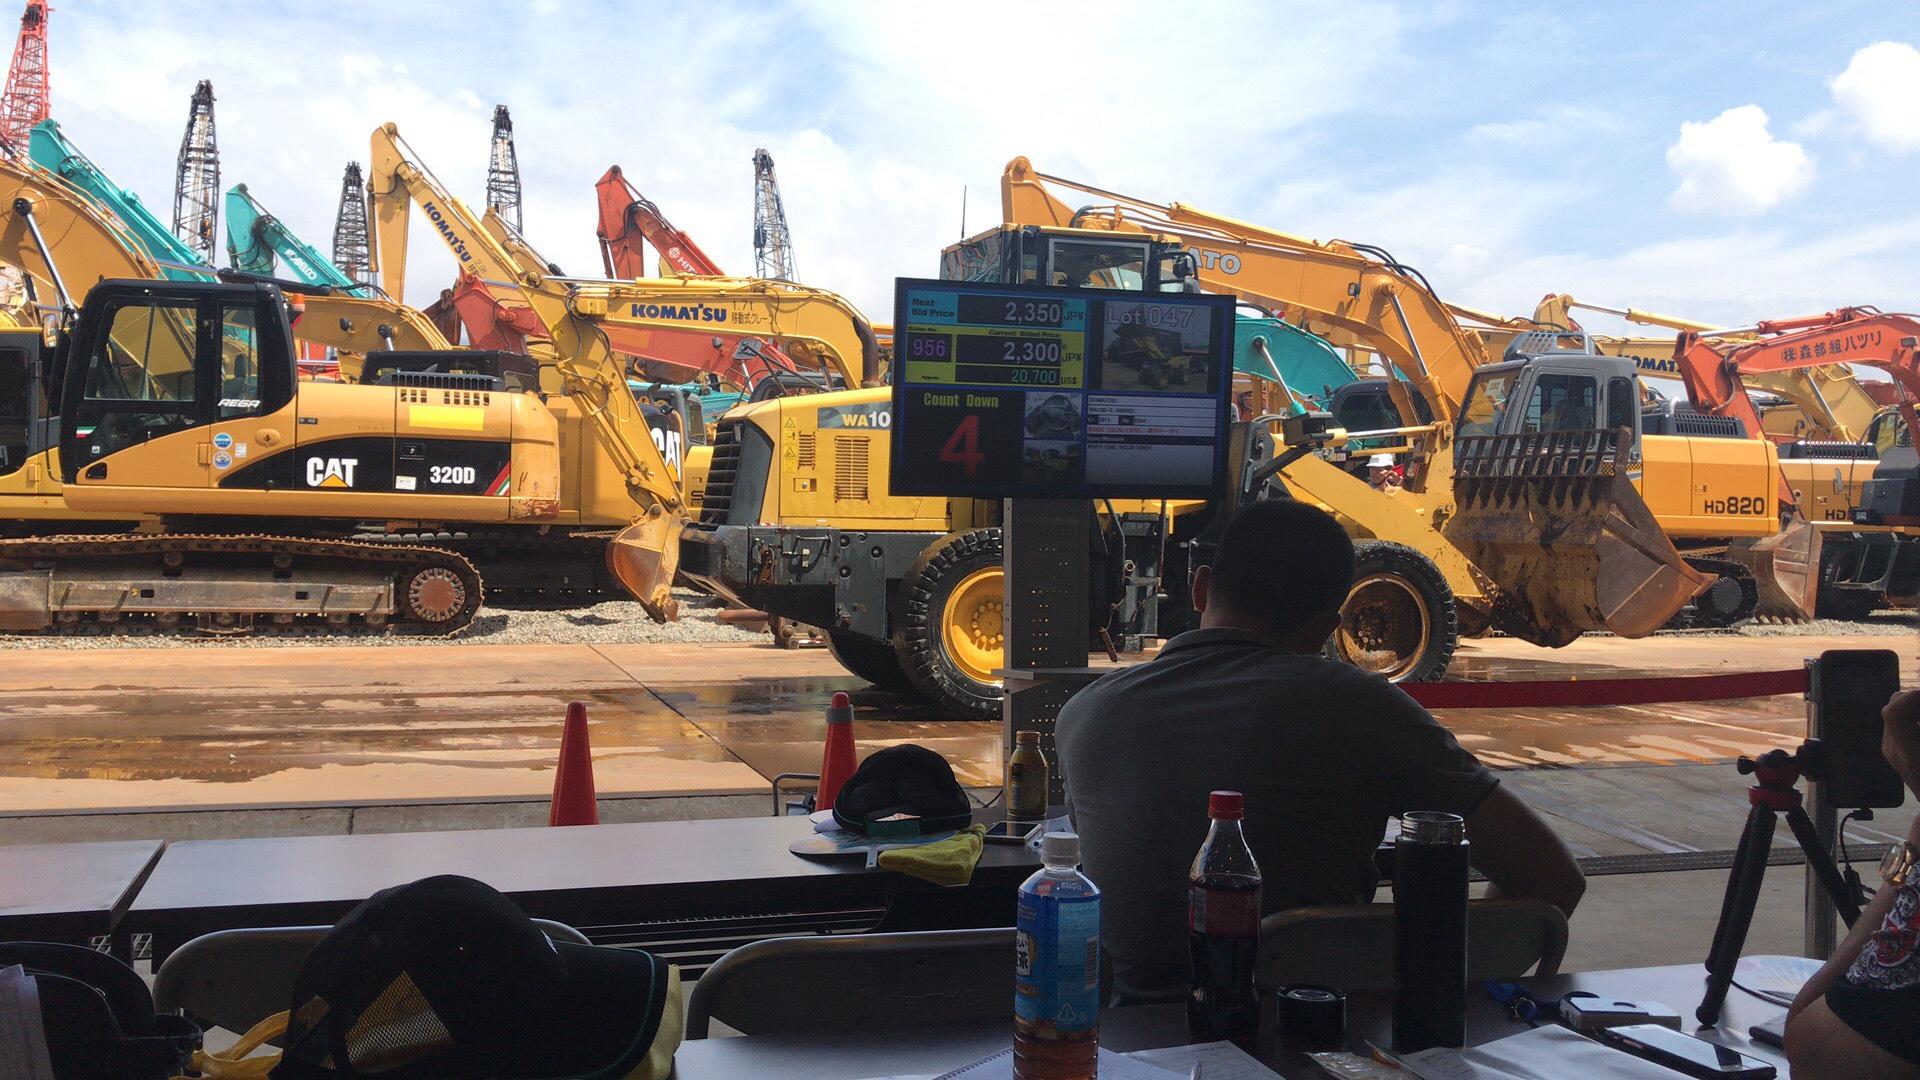 日本挖掘机拍卖会参加